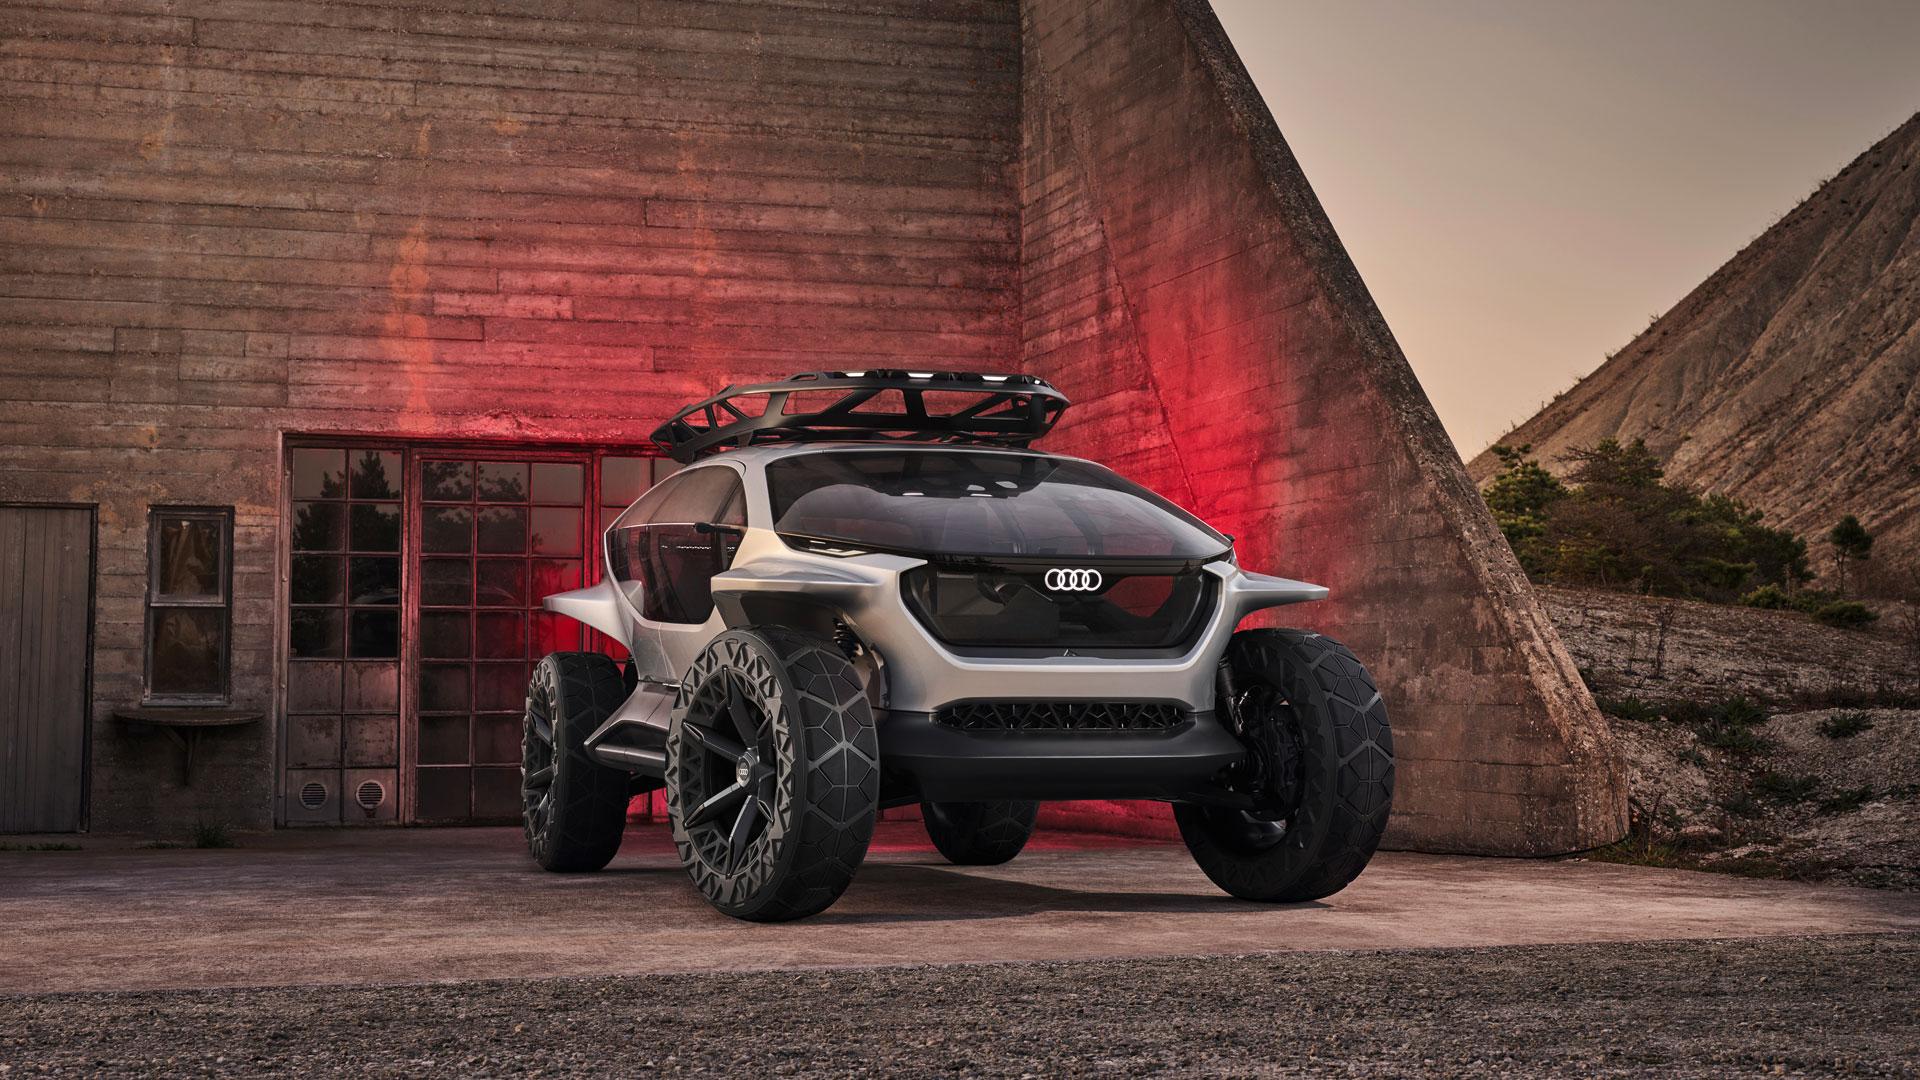 Состоялась официальная премьера кроссовера Audi AI:Trail – четвёртого концепта семейства AI, к которому относятся Aicon, AI:Me и AI:Race (последний раньше назывался PB18 e-tron).